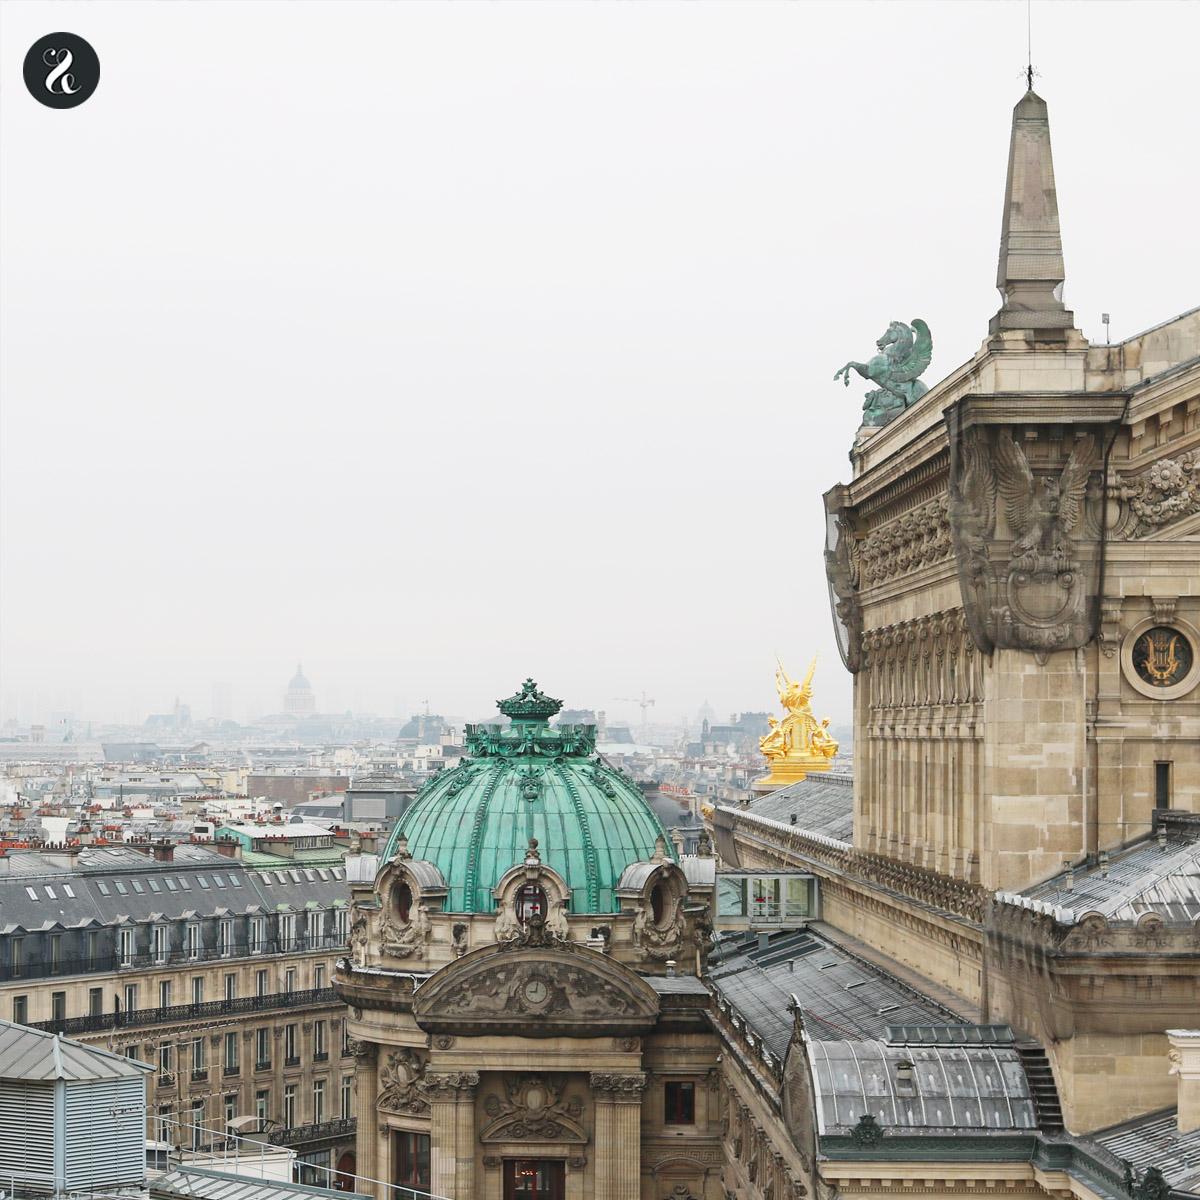 La Ópera Garnier galerías Lafayette guía viajes Paris